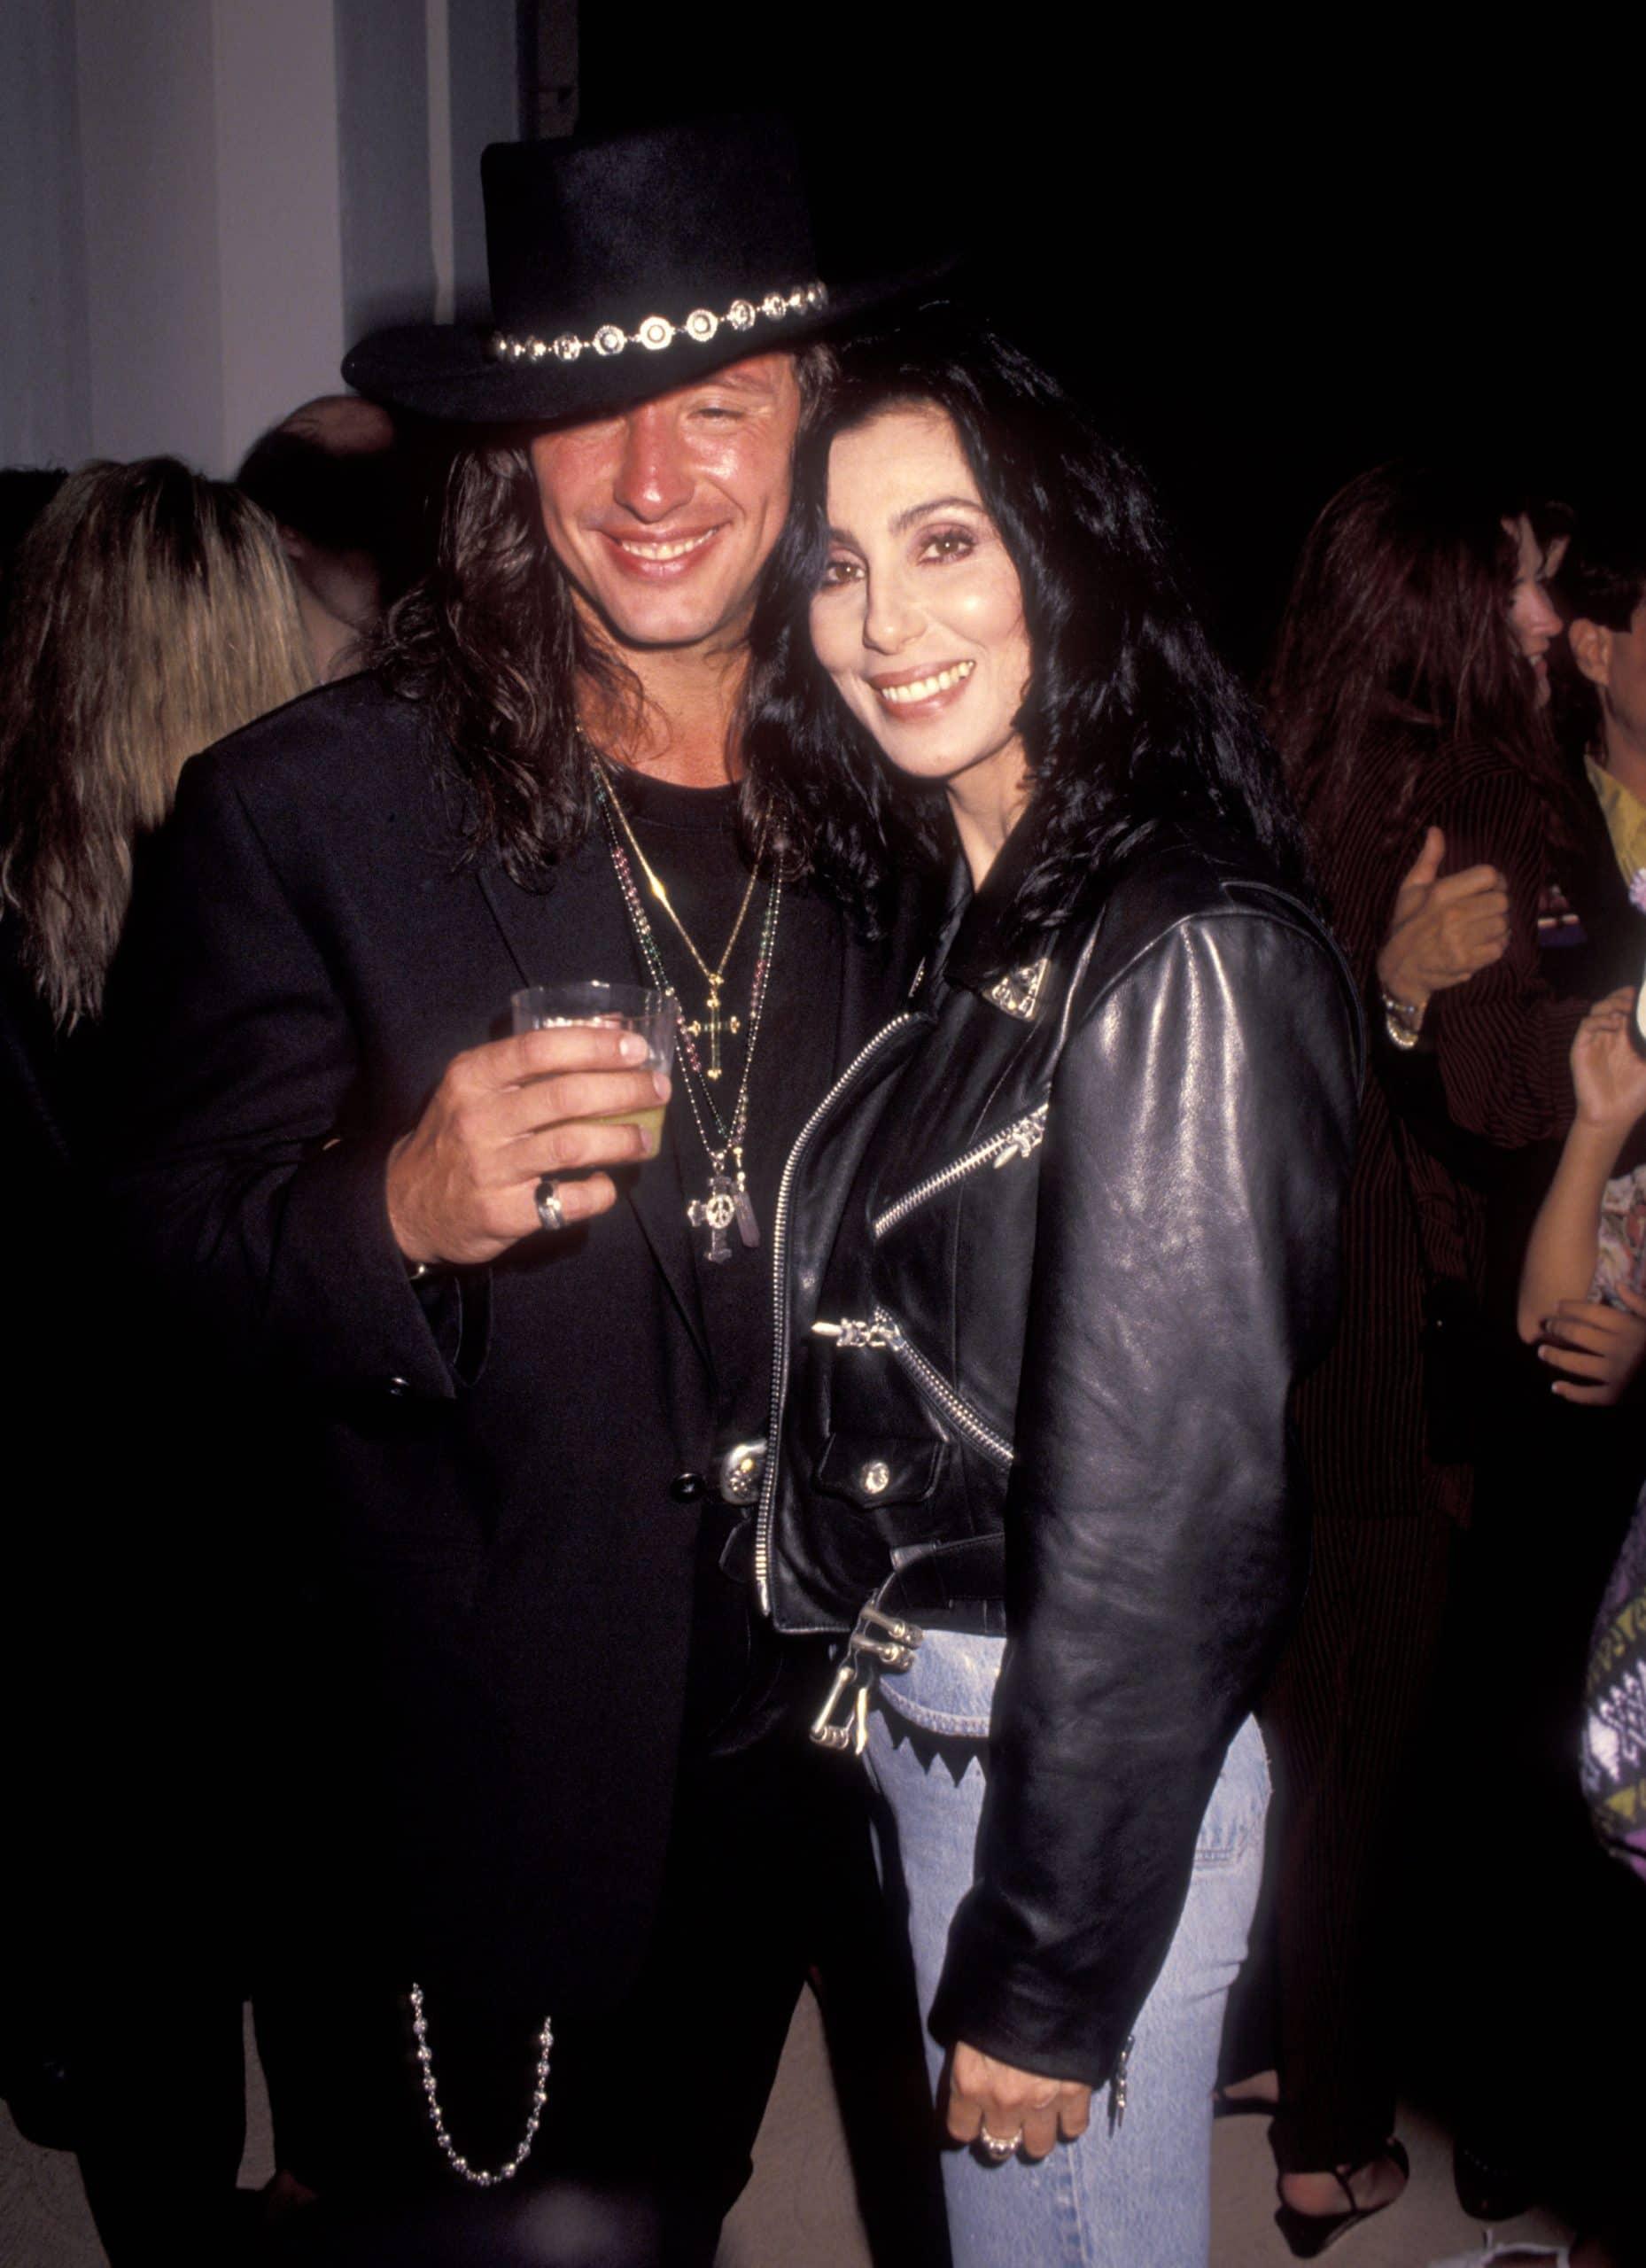 Richie Sambora and Cher